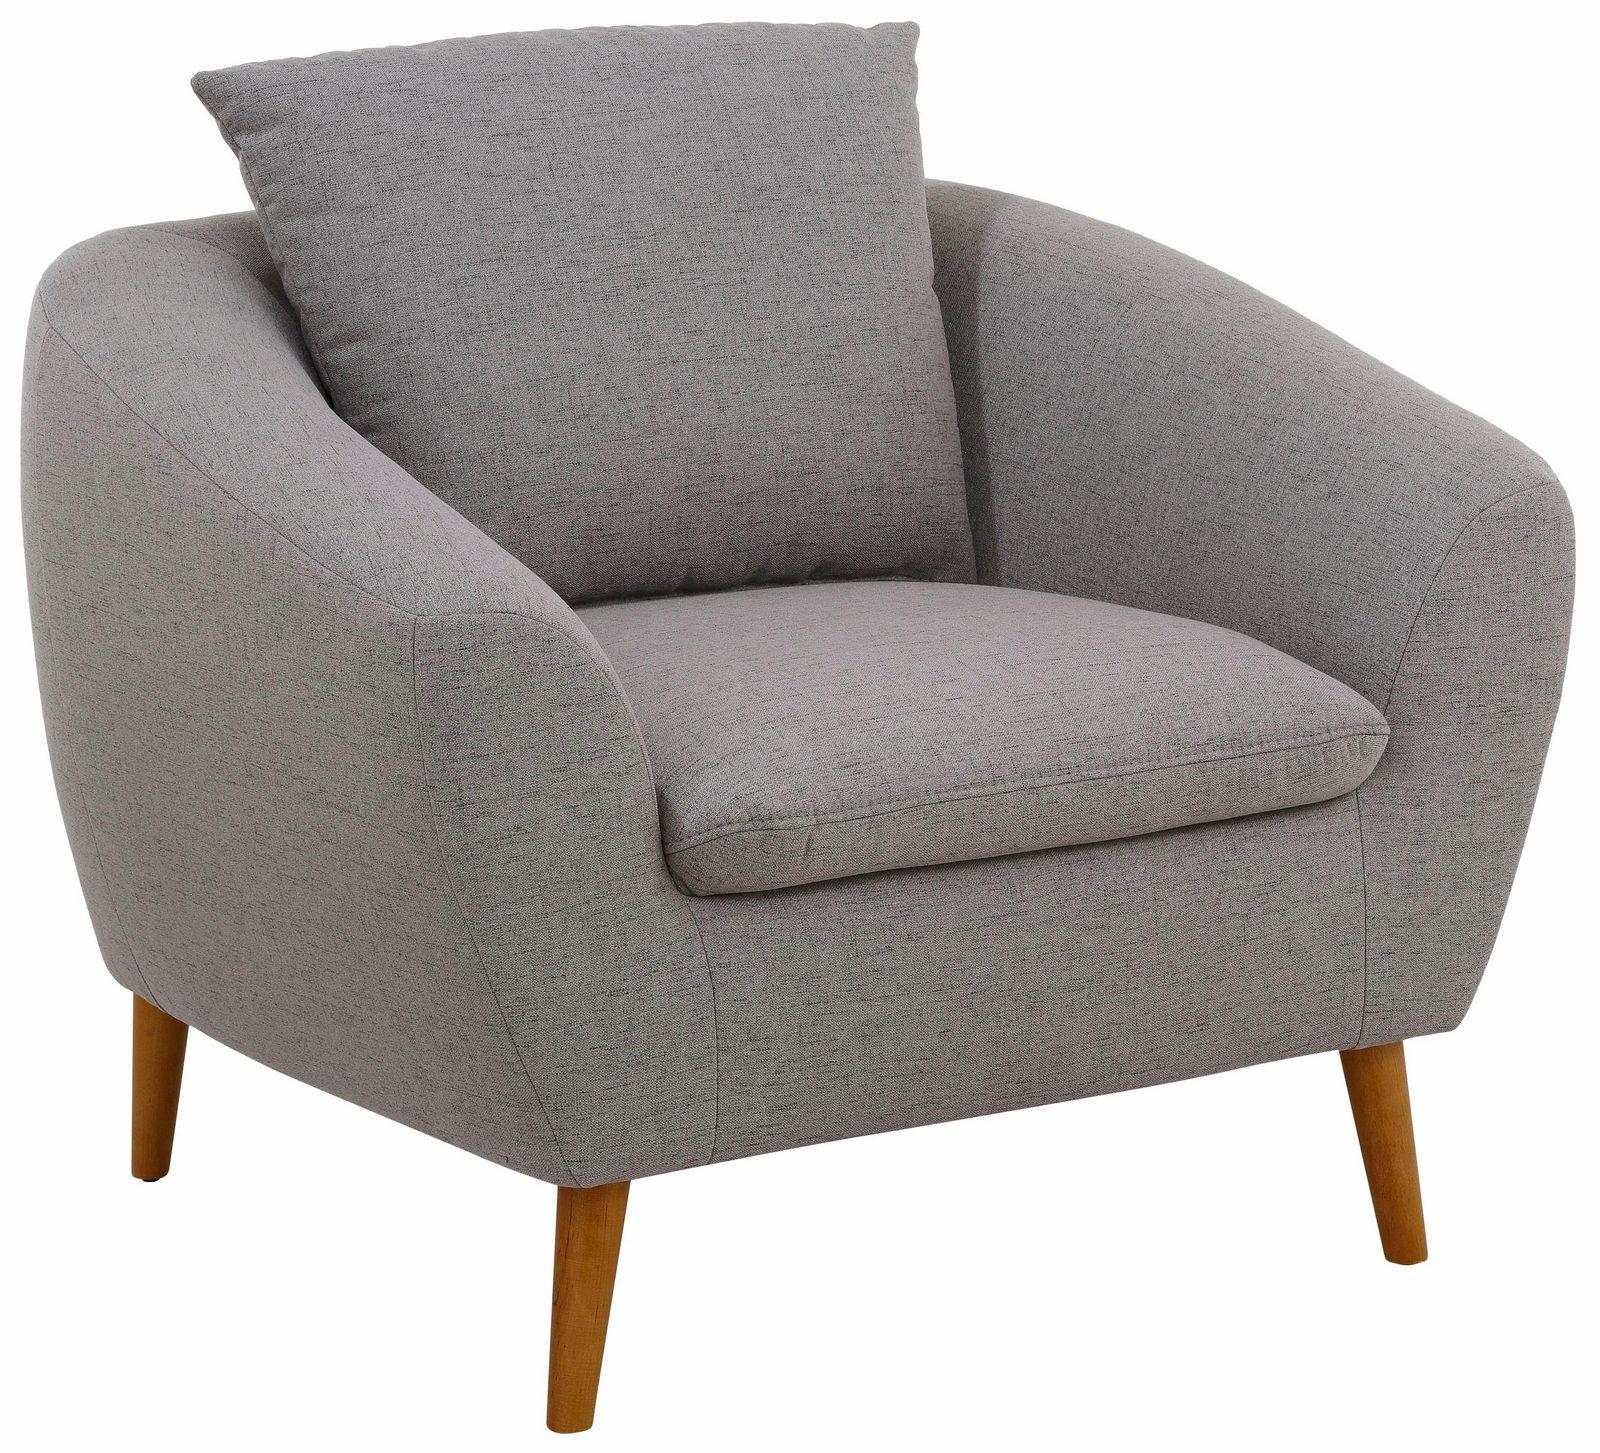 Home affaire Sessel »Amadeo« im skandinavischem Design, lose Rückenkissen jetztbilligerkaufen